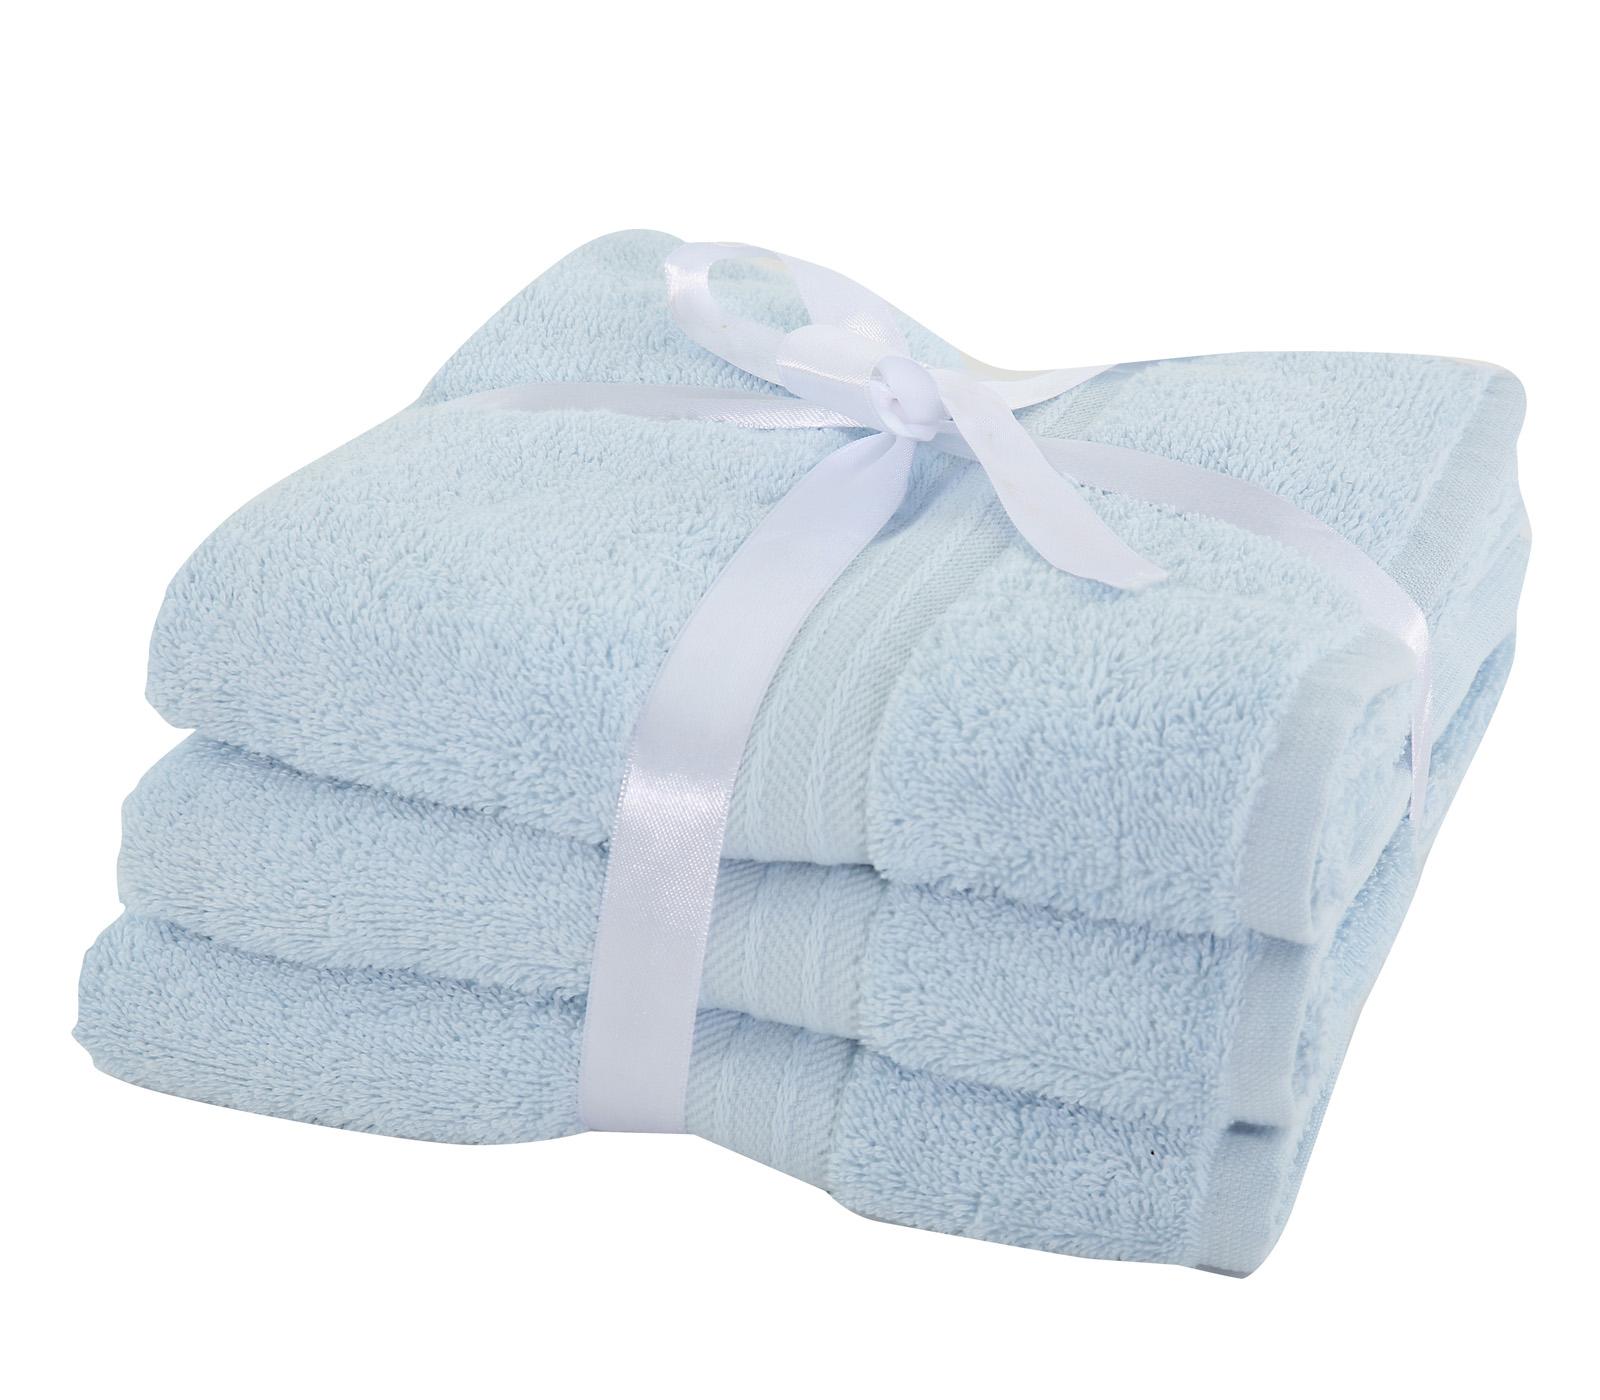 Πετσέτες Προσώπου (Σετ 3 Τμχ) Nef Nef Cosy Blue